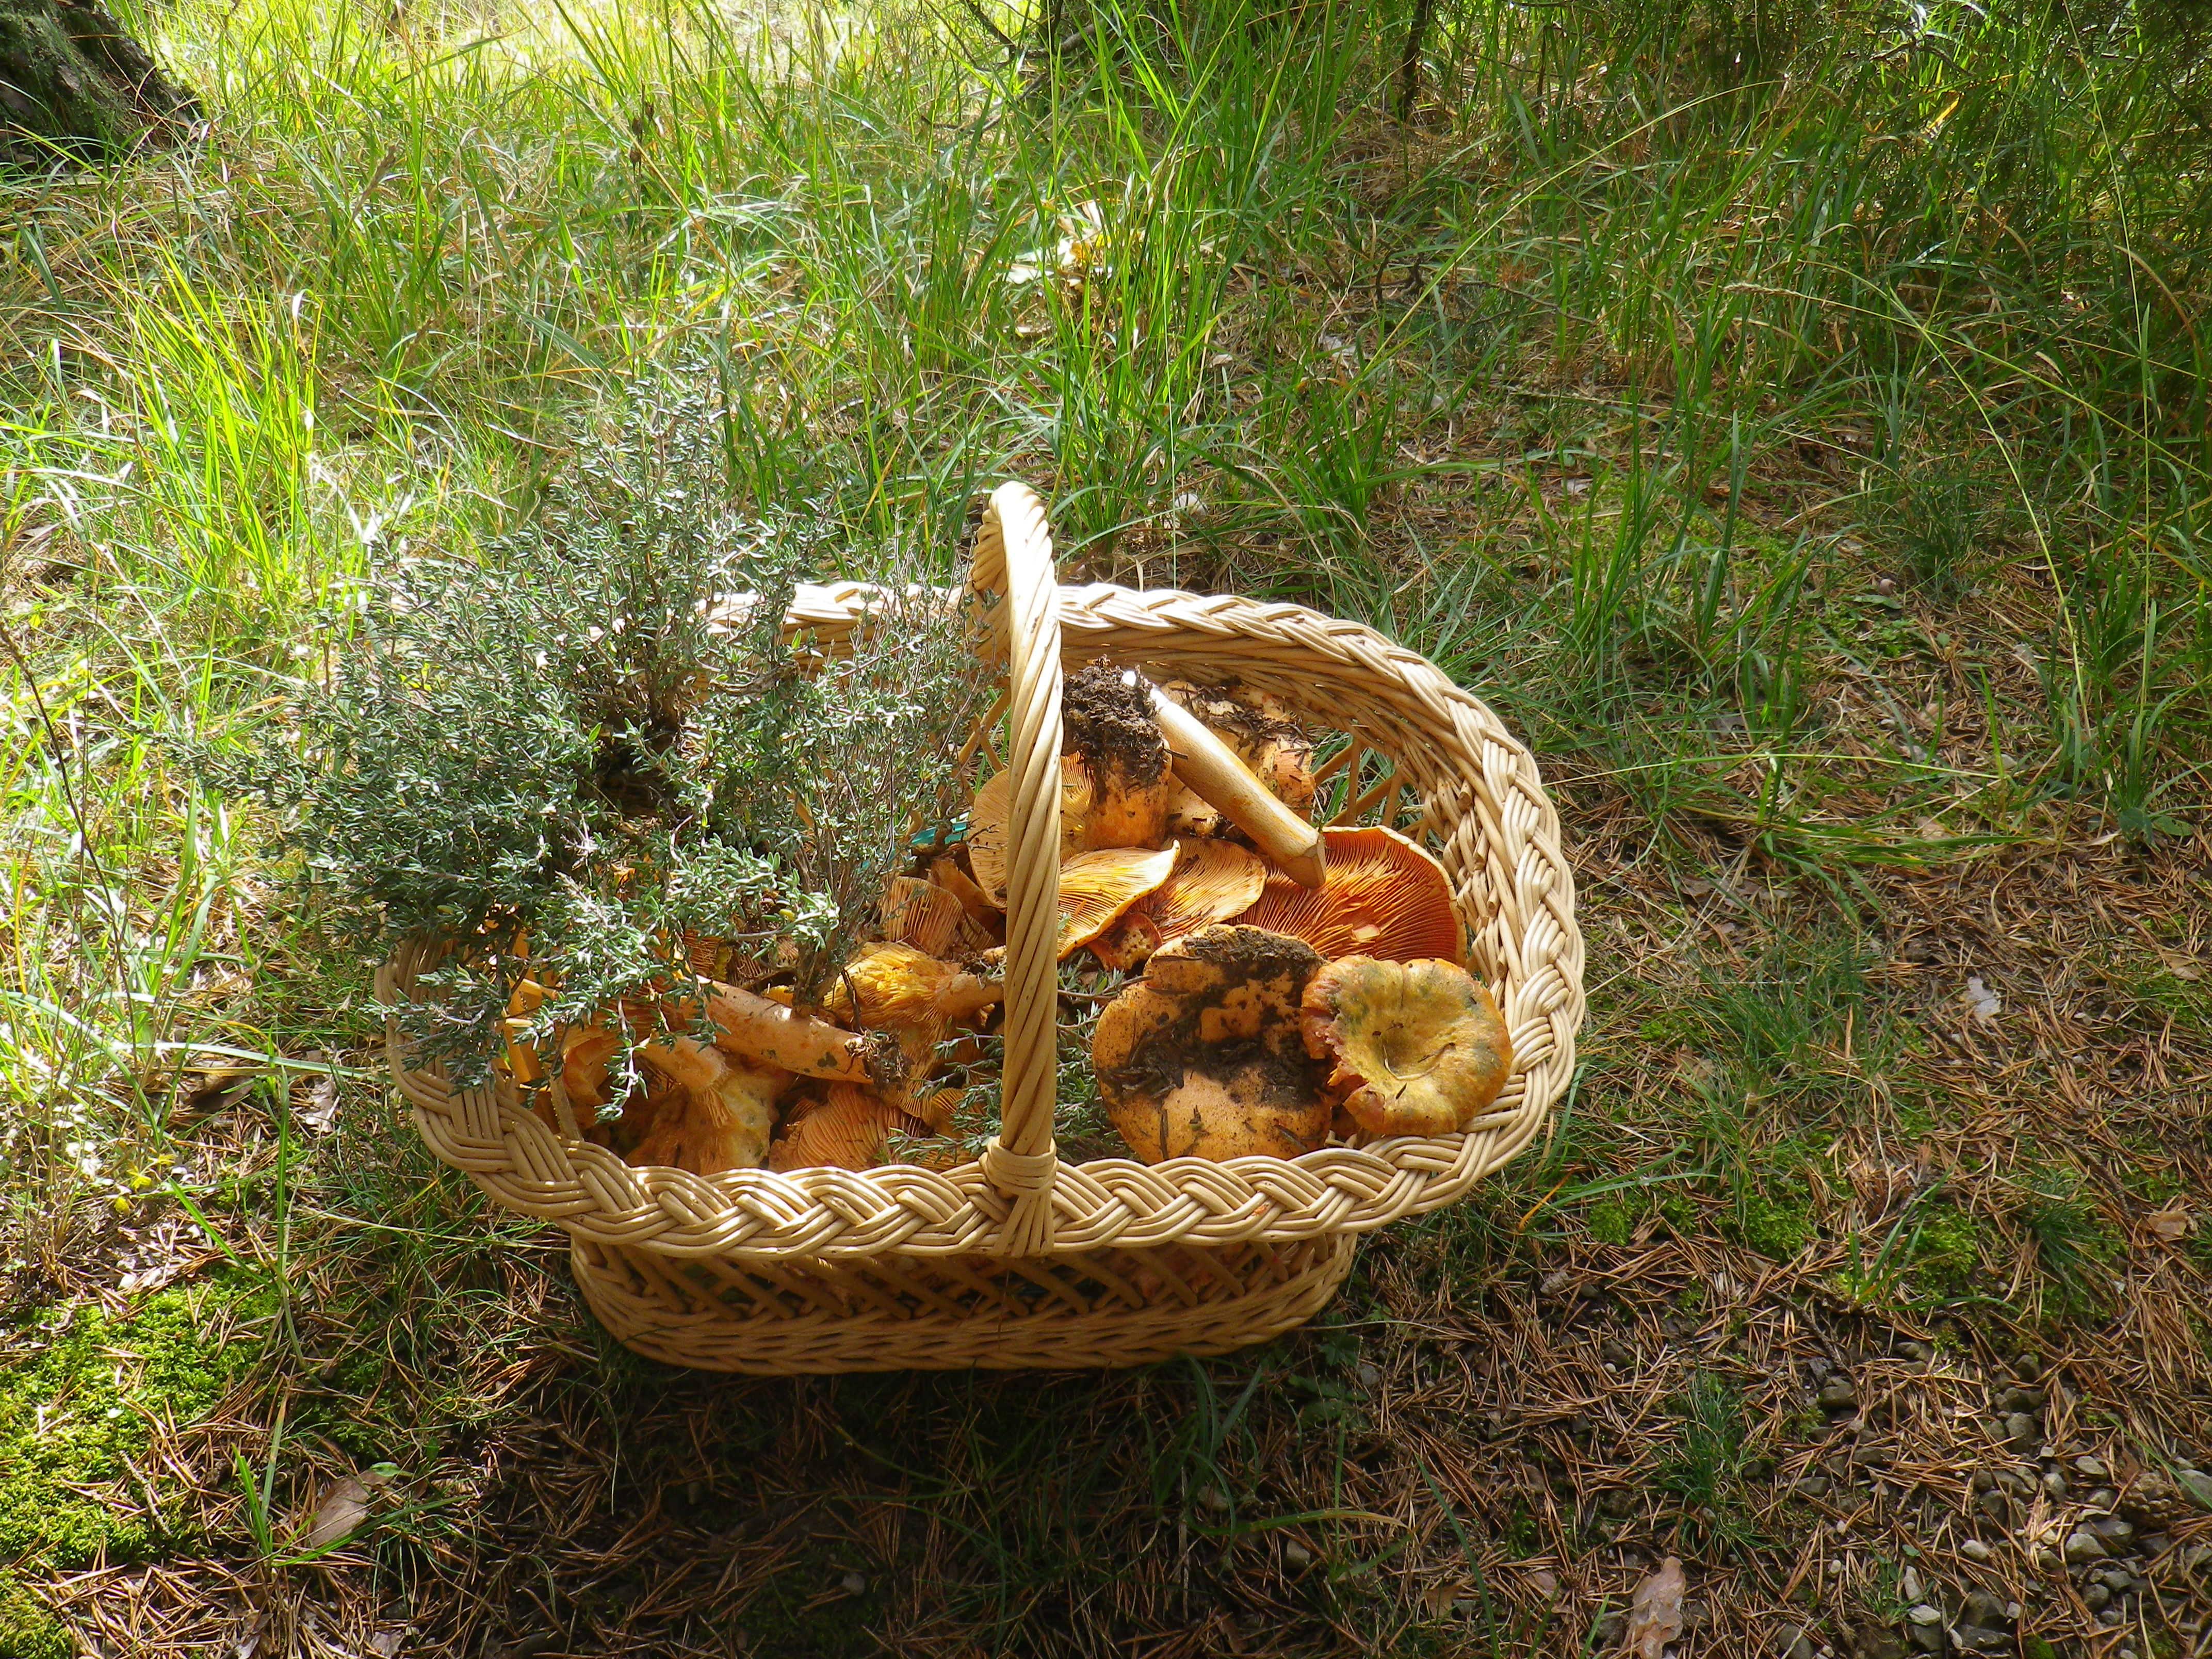 Découverte des champignons – Automne